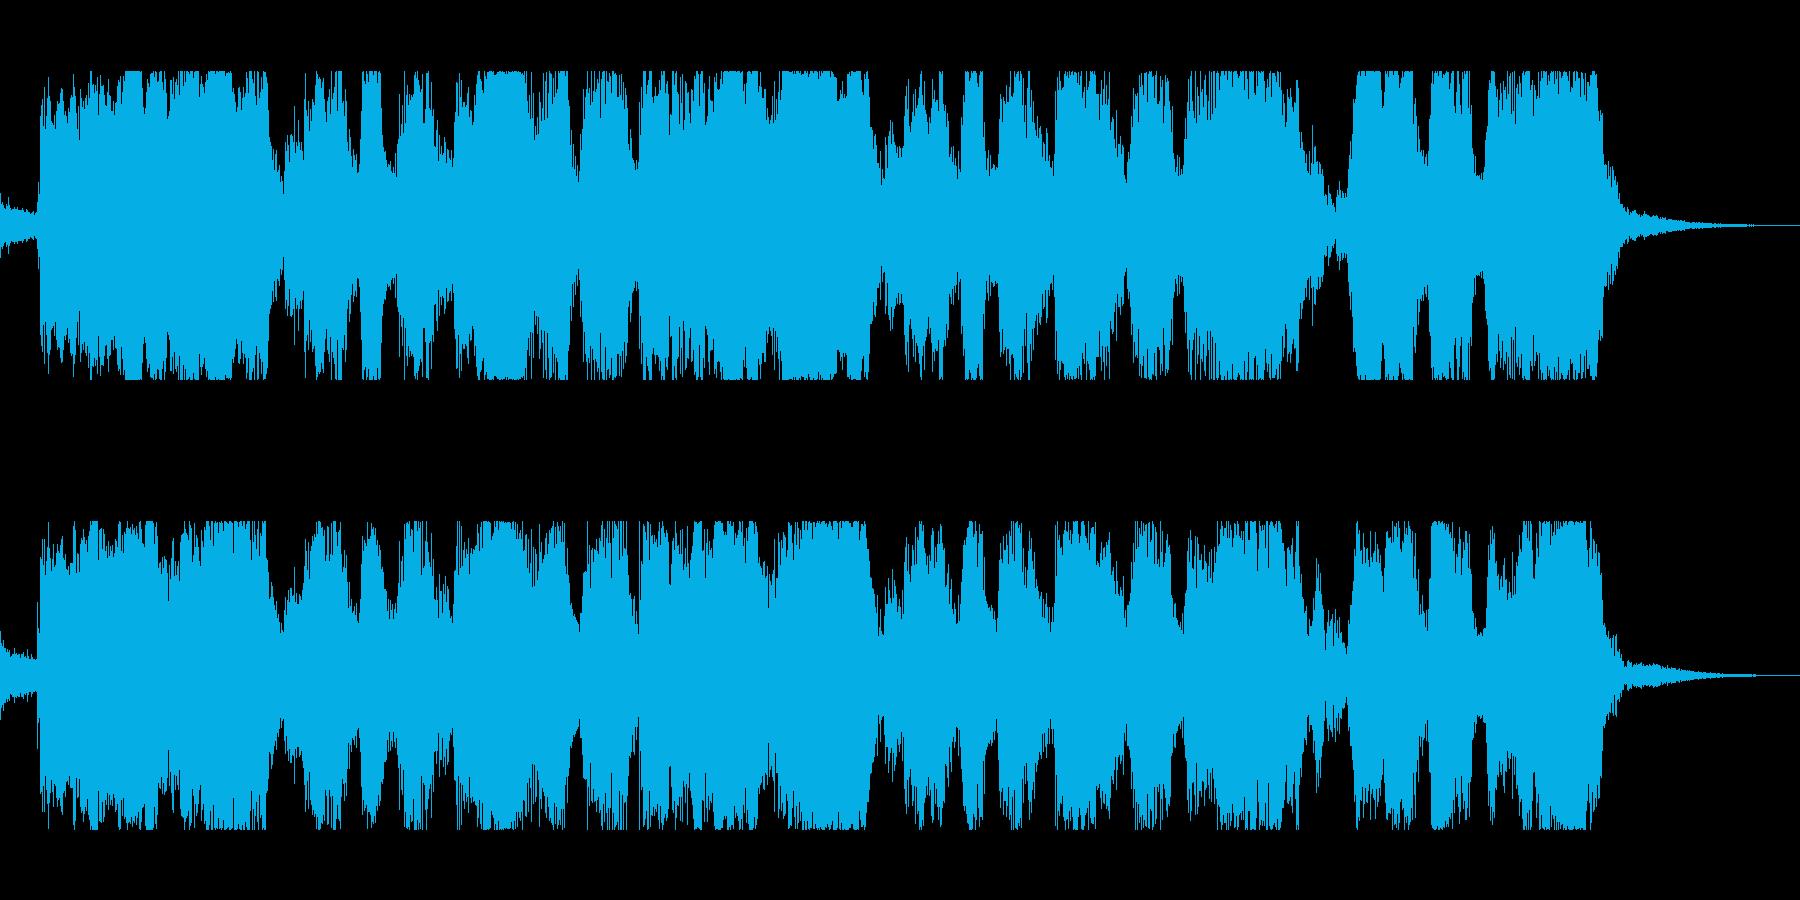 テンポのいいスカポップロックの再生済みの波形